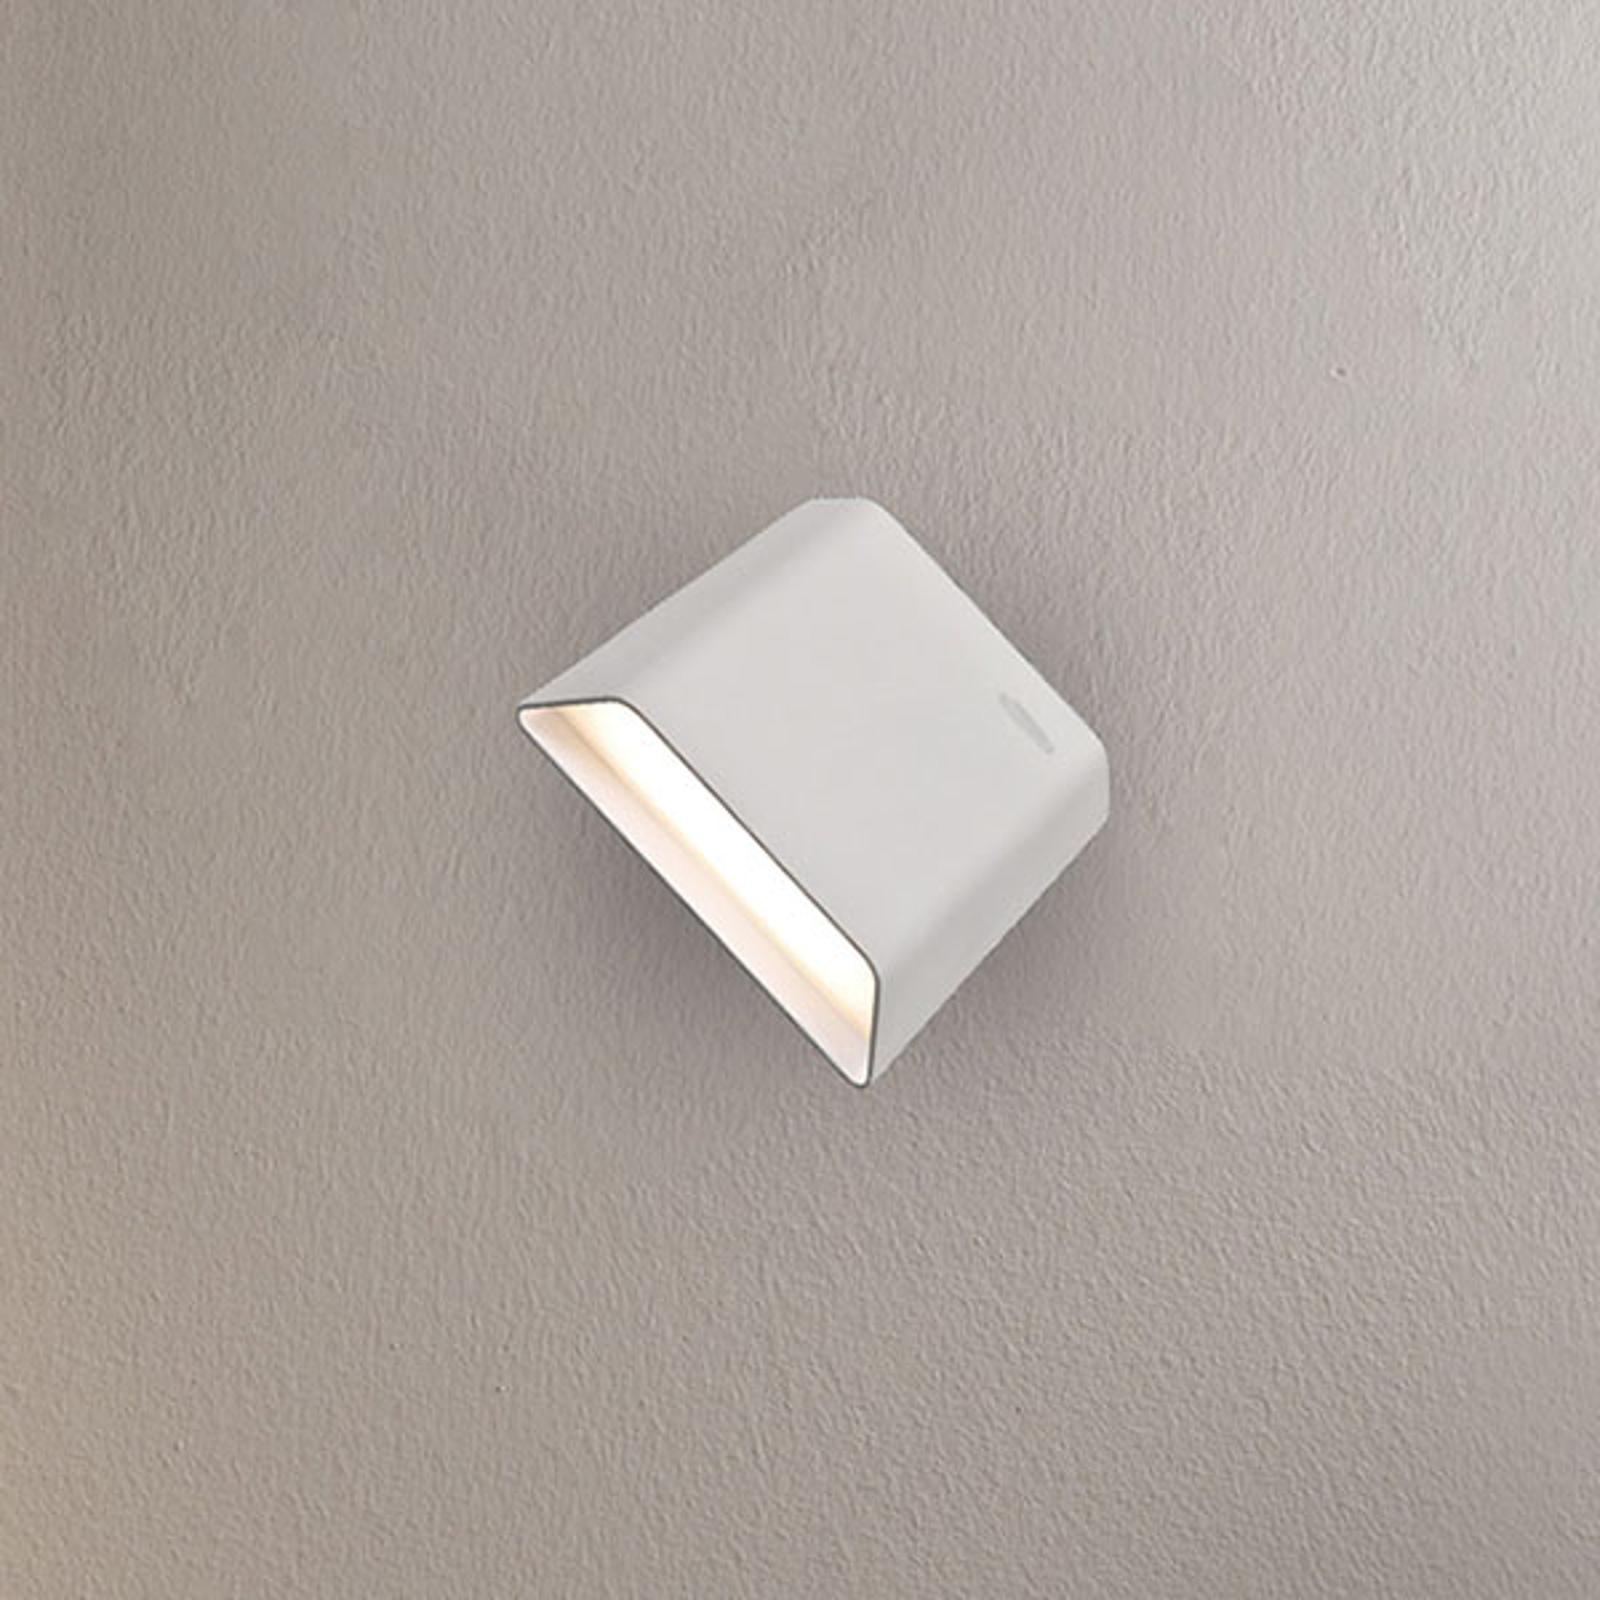 LED-Wandleuchte Biak, dreh- und kippbar, weiß